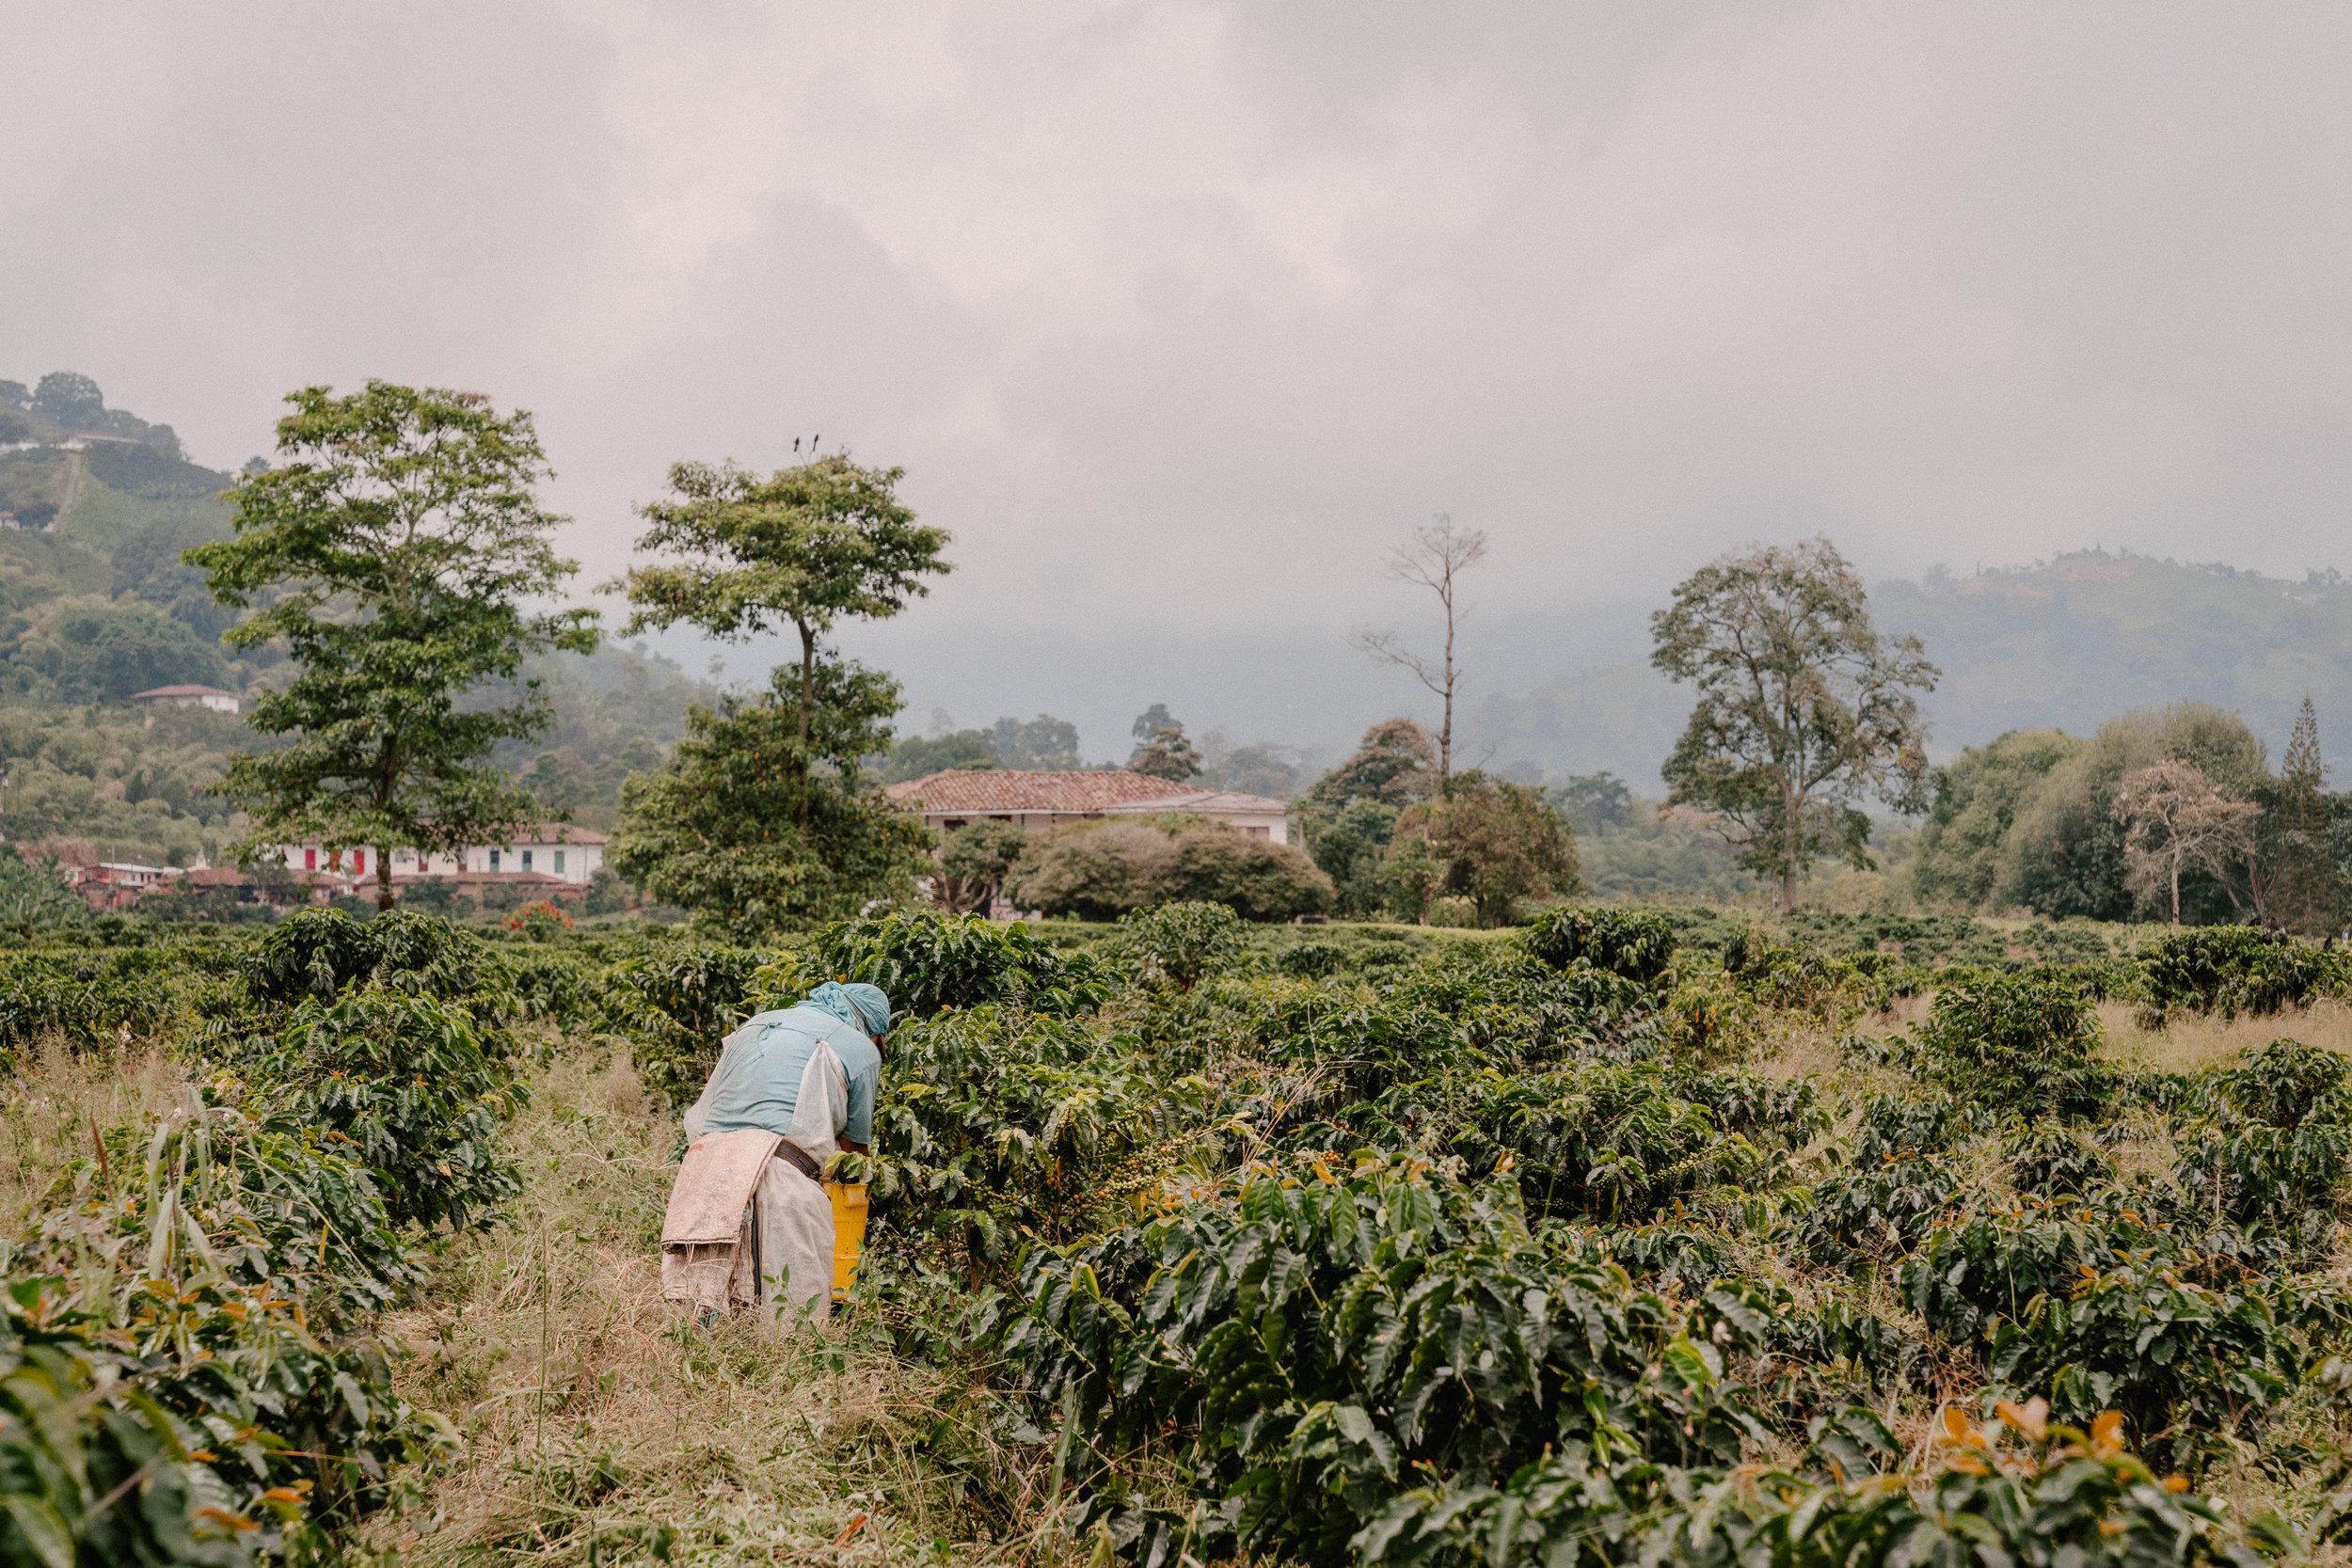 Emanuel-Hahn-Colombia-Coffee-Farmers-Huila-Manizales-Pagpropina-11.jpg